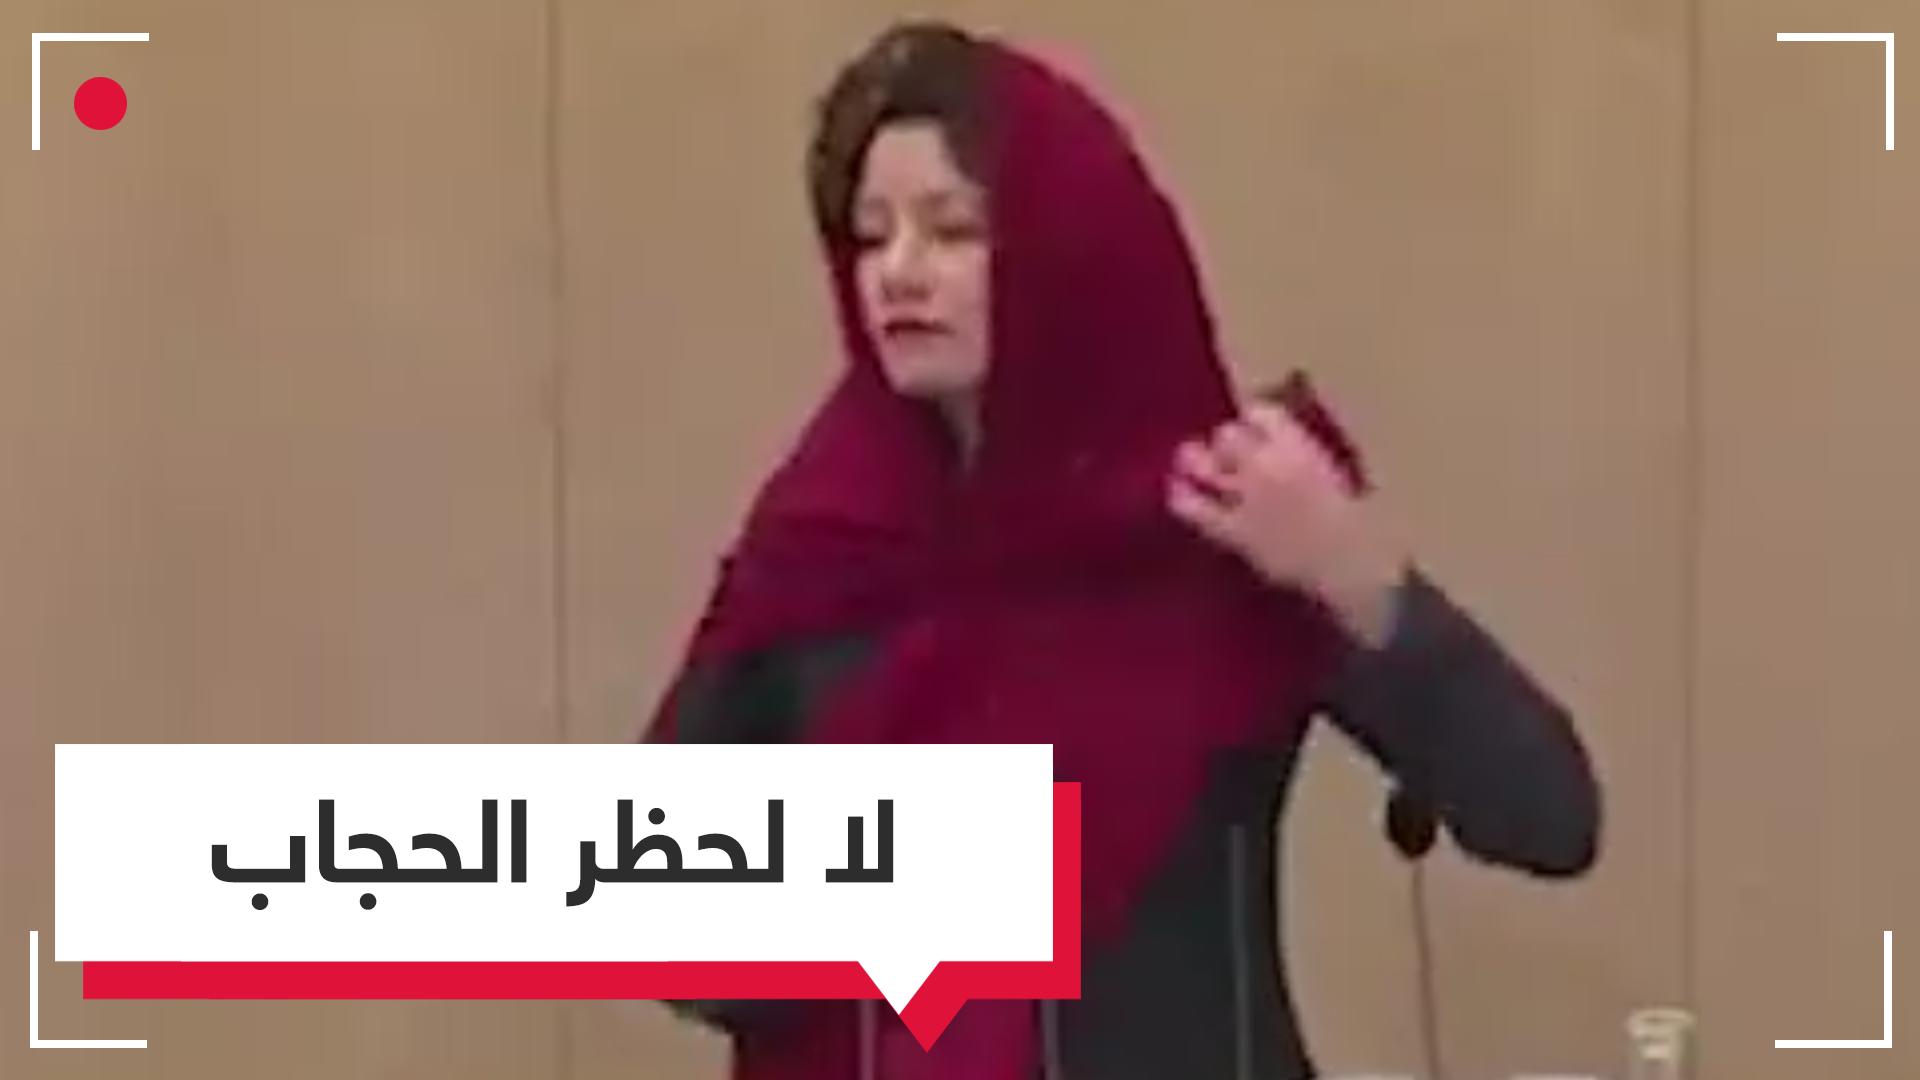 """""""هل تغير فيّ شيء؟"""".. نائبة نمساوية تلبس الحجاب في البرلمان"""